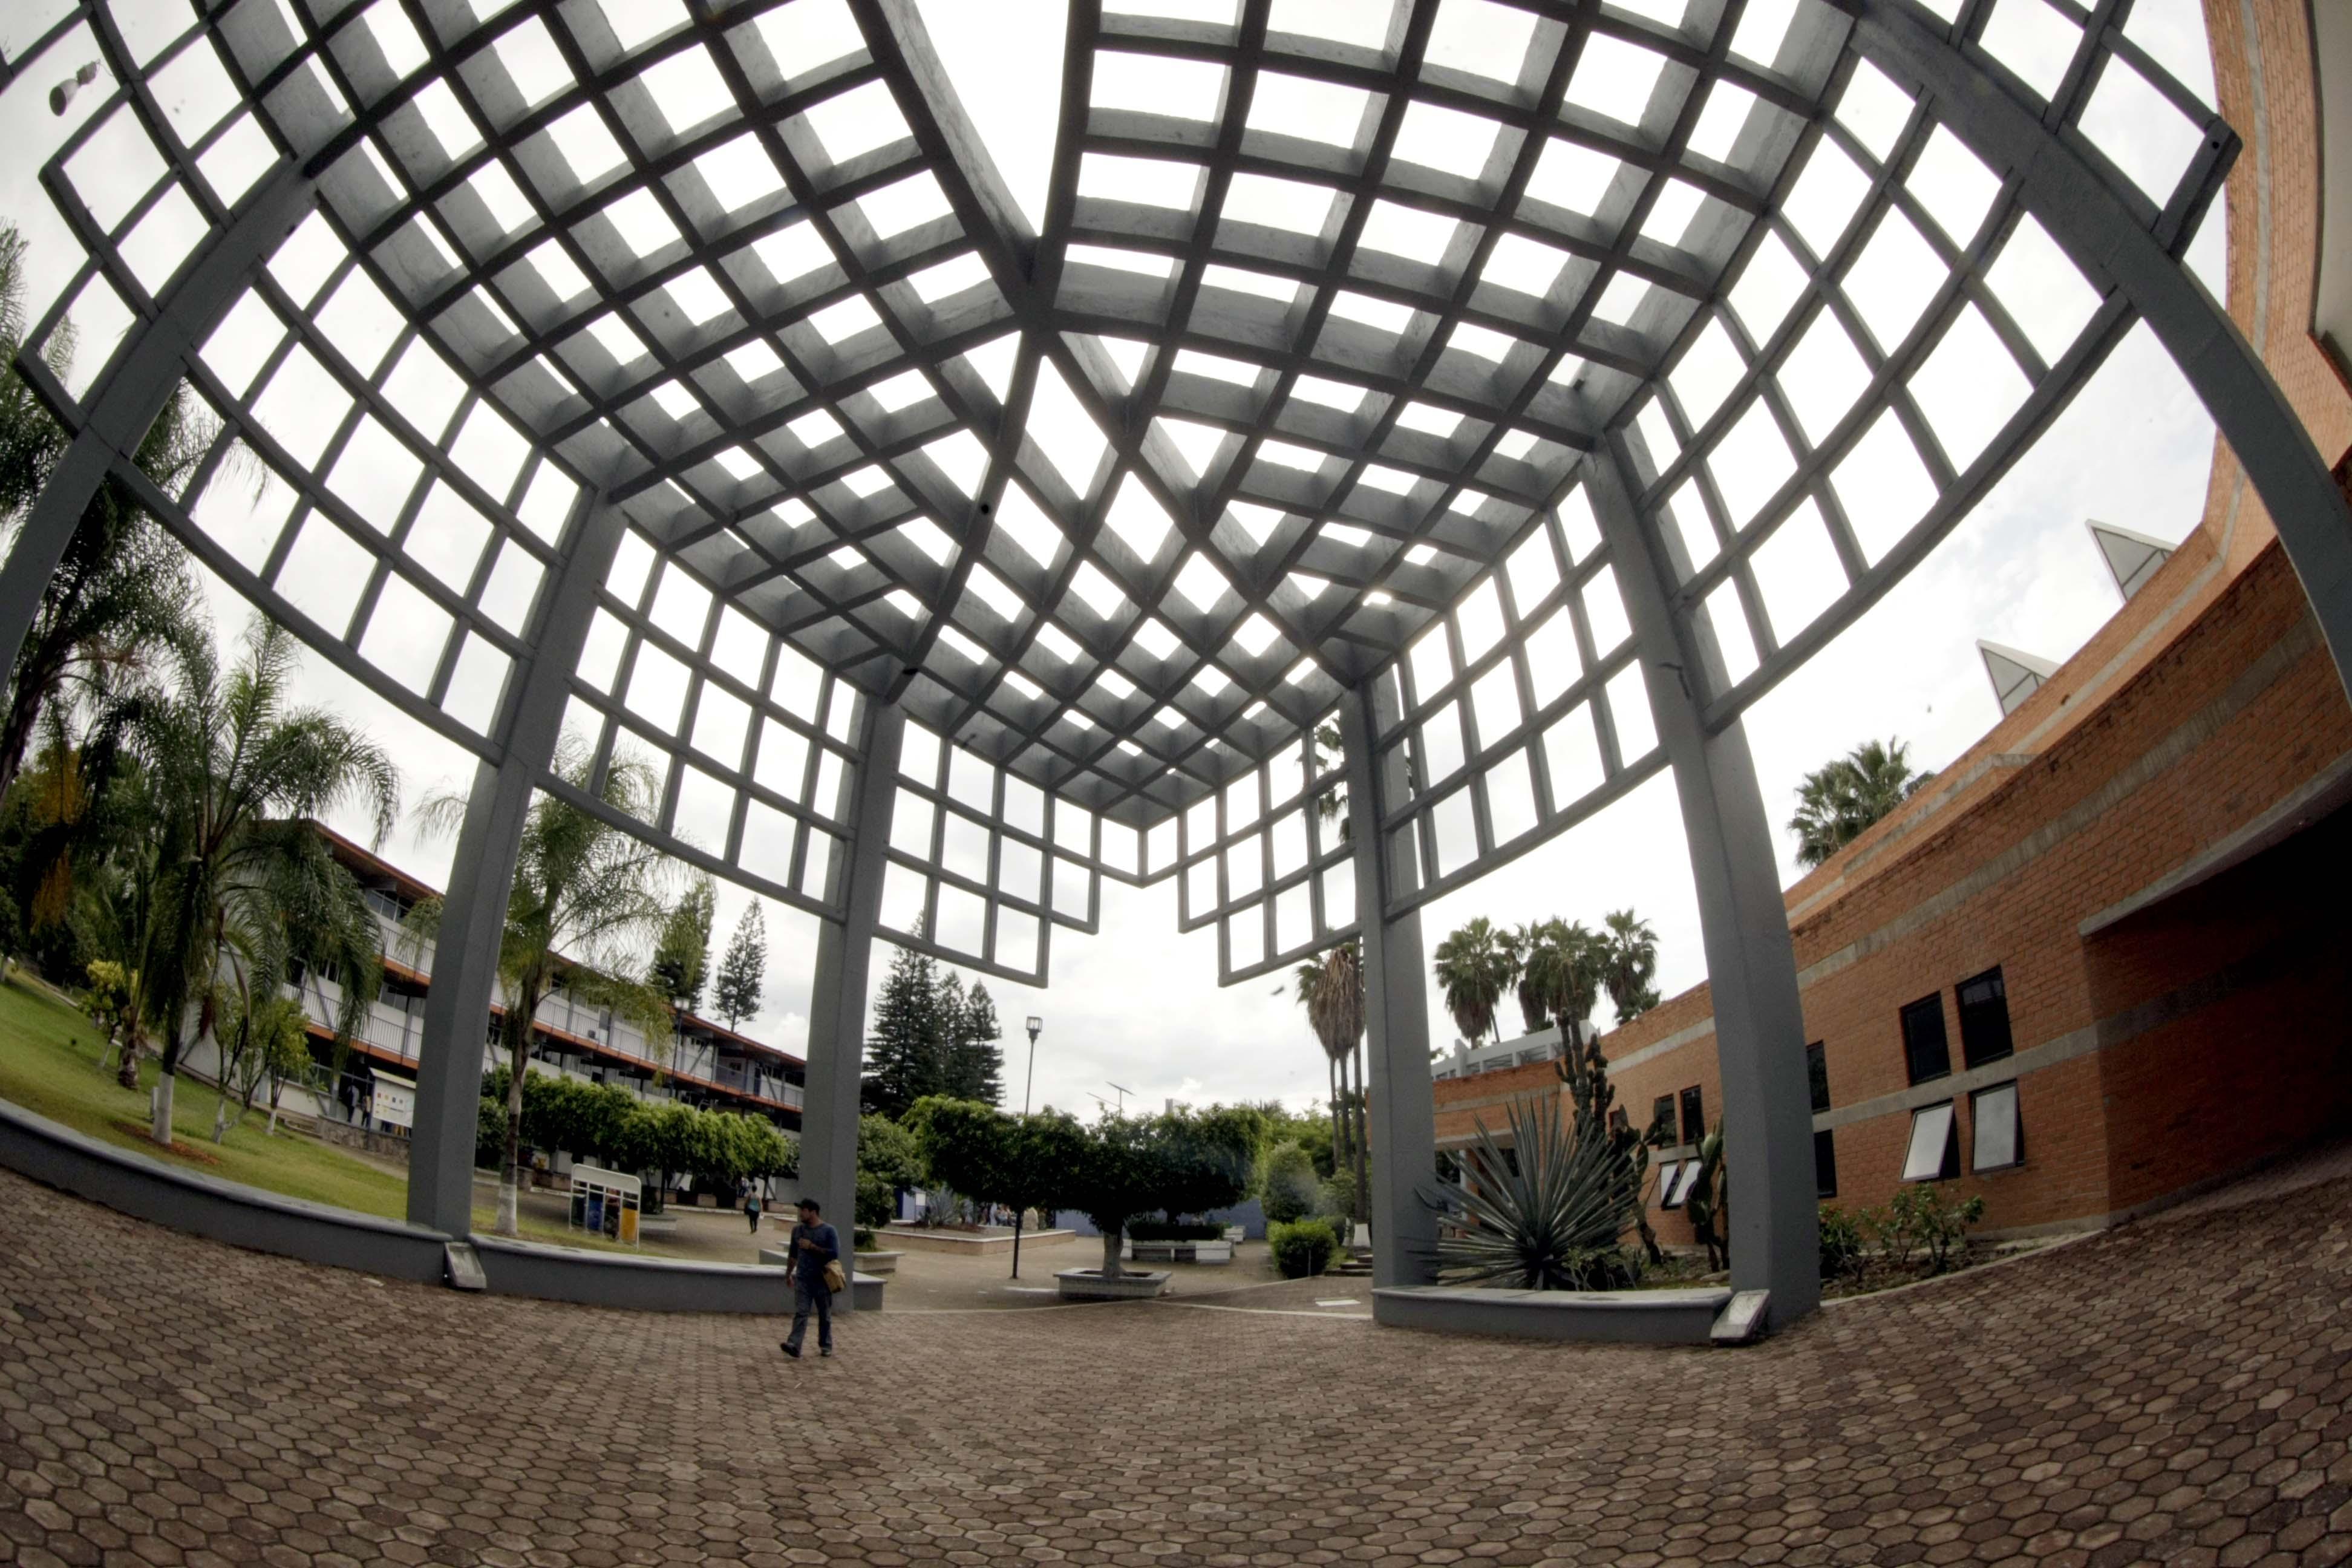 Vista panorámica de la entrada prinicipal del Centro Universitario del Sur de la Universidad de Guadalajara.